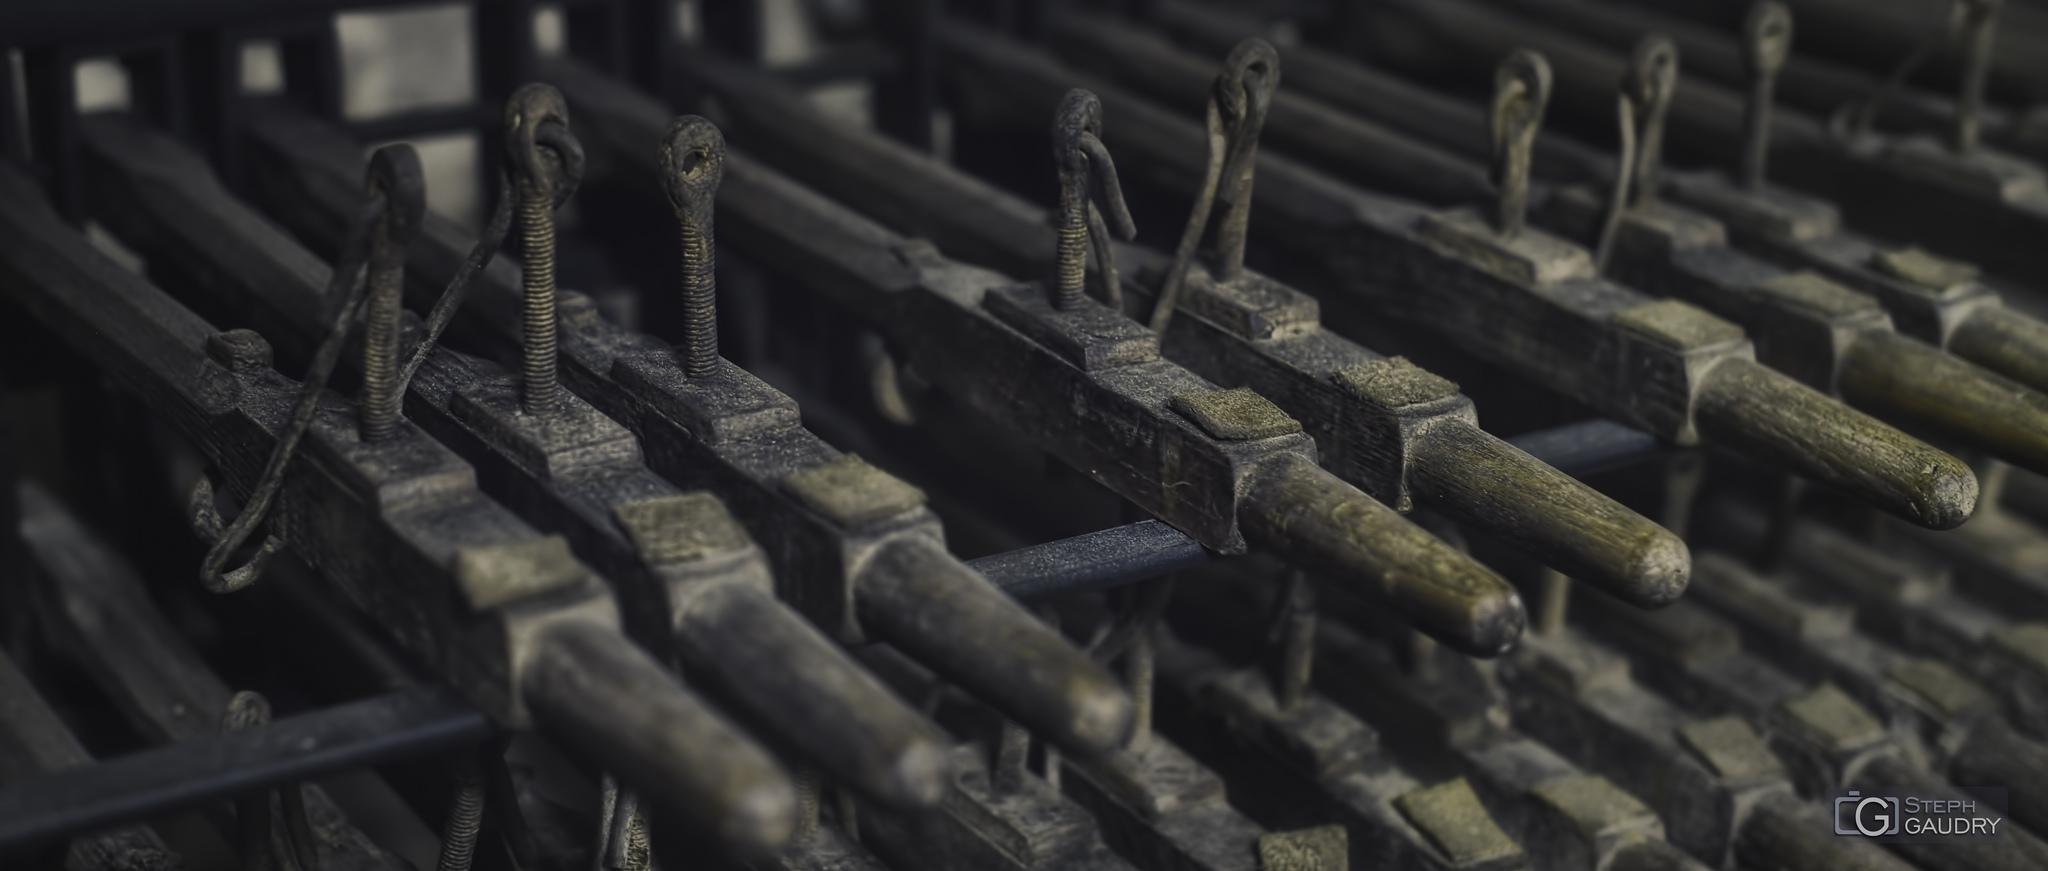 Clavier du carillon de la collégiale Saint-Barthélemy [Cliquez pour lancer le diaporama]